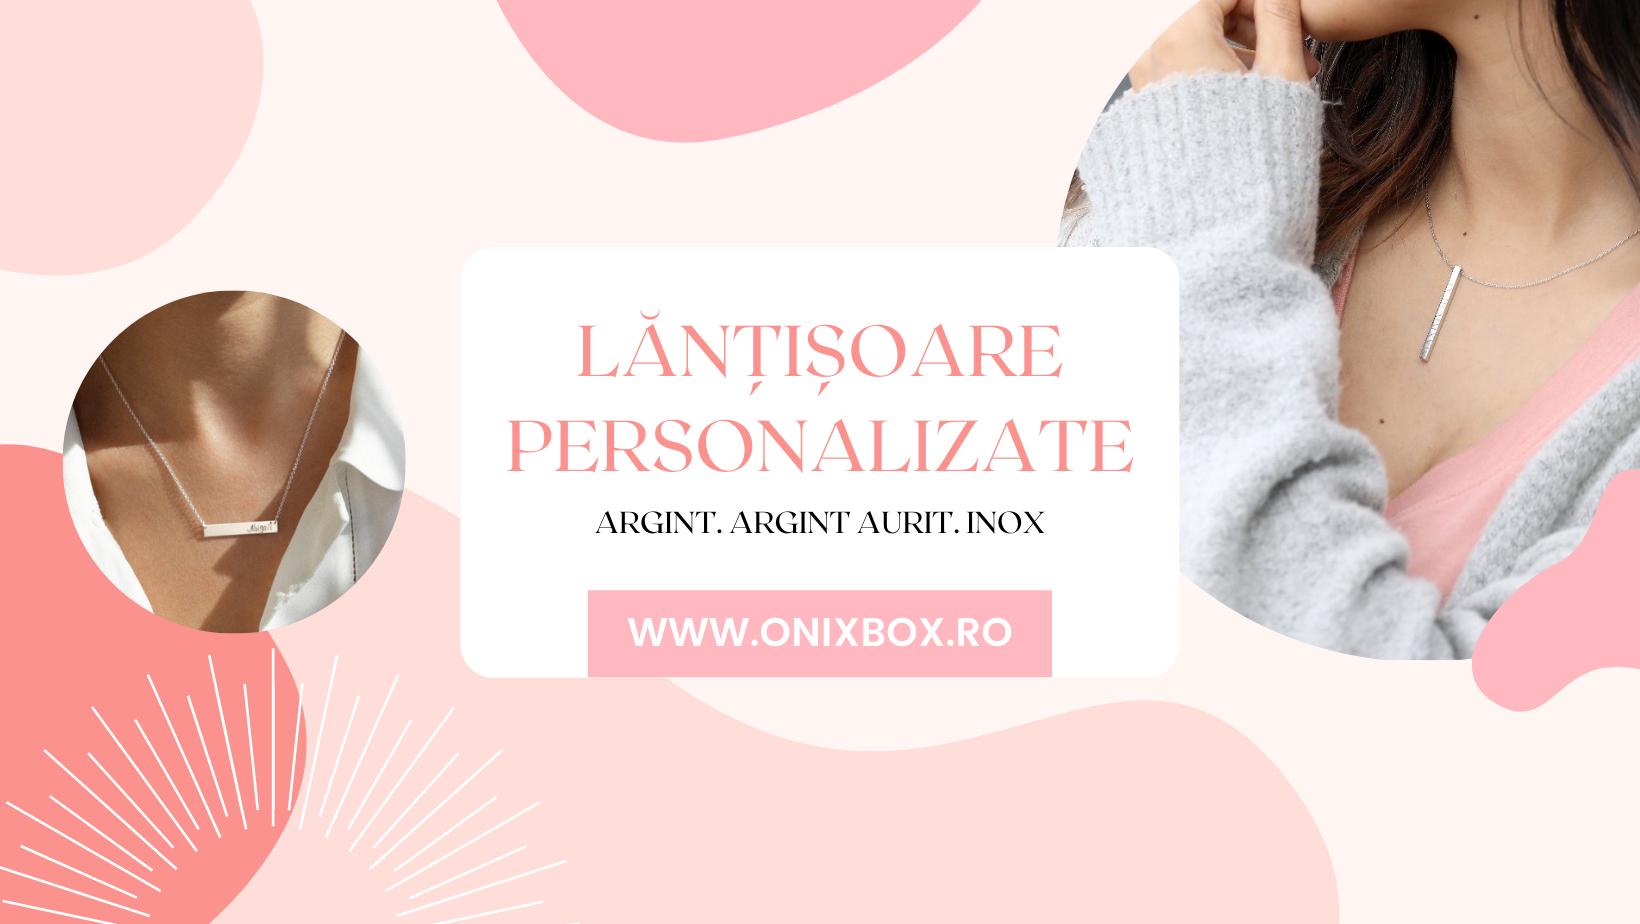 Lănțișoare personalizate Onixbox.ro